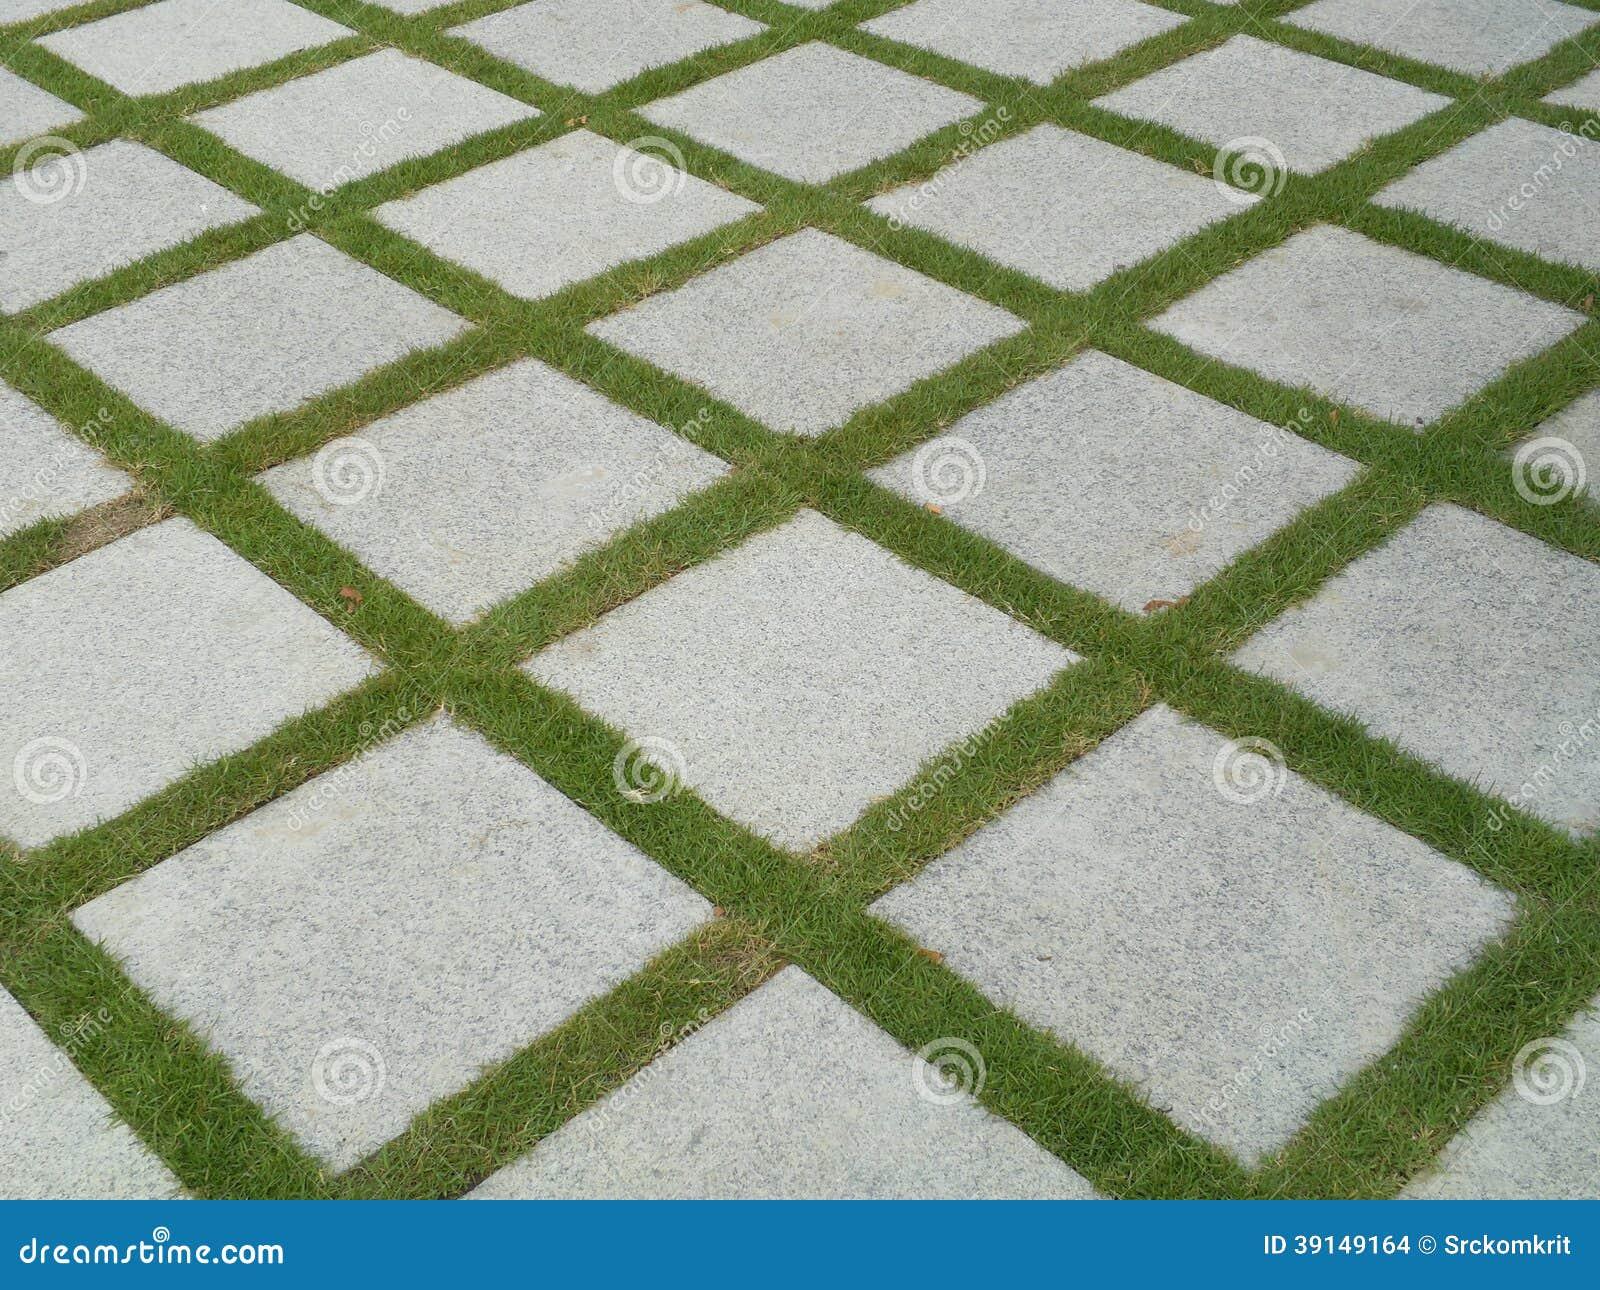 download beautiful tiles in garden stock photo image of lawn 39149164 - Garden Tiles